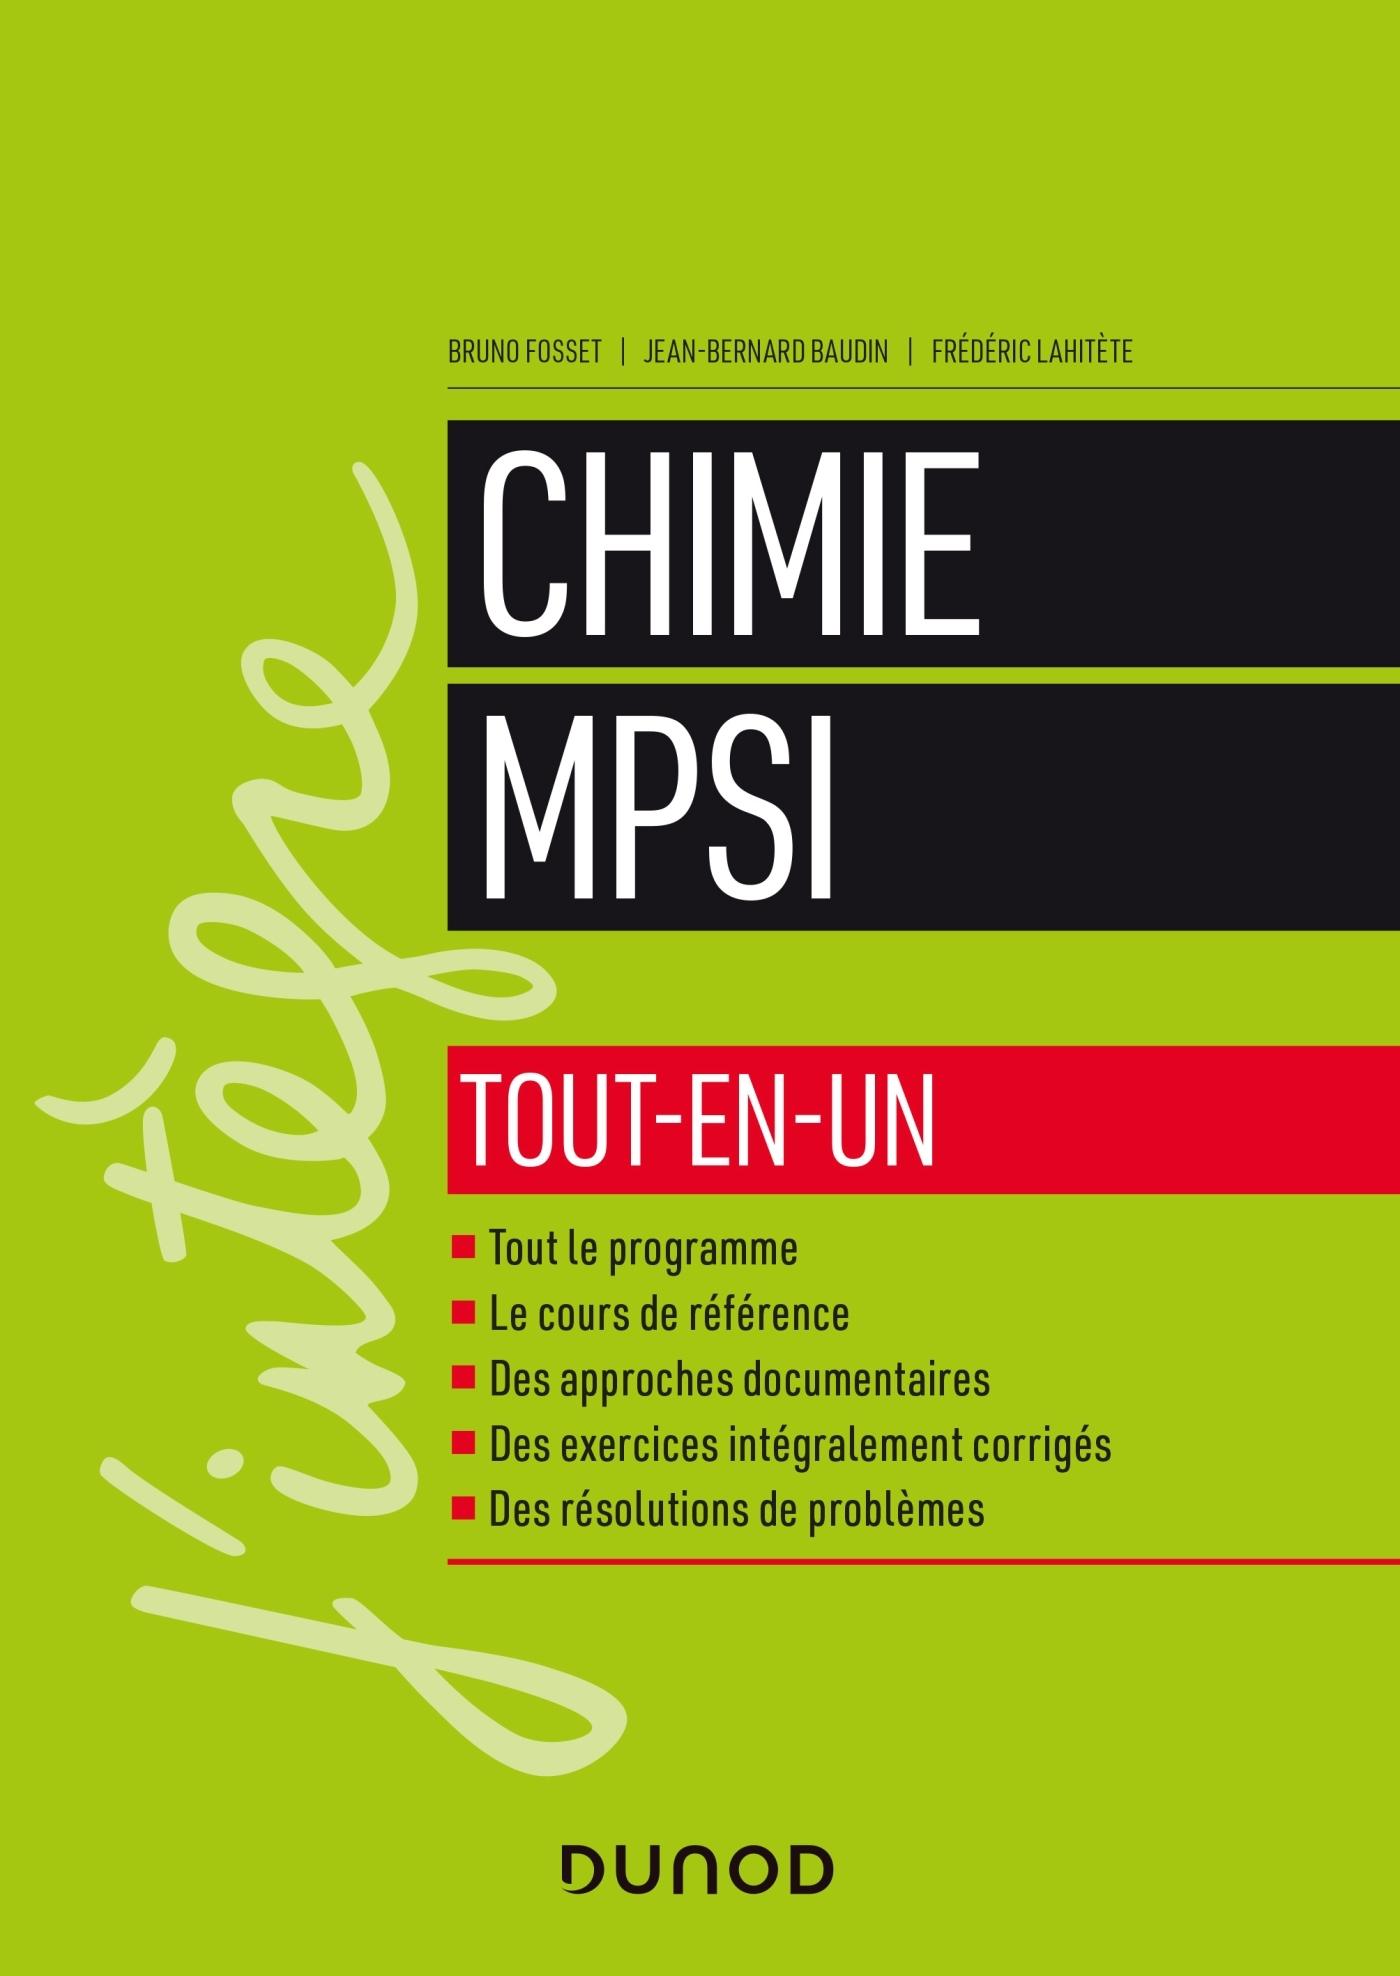 CHIMIE TOUT-EN-UN MPSI